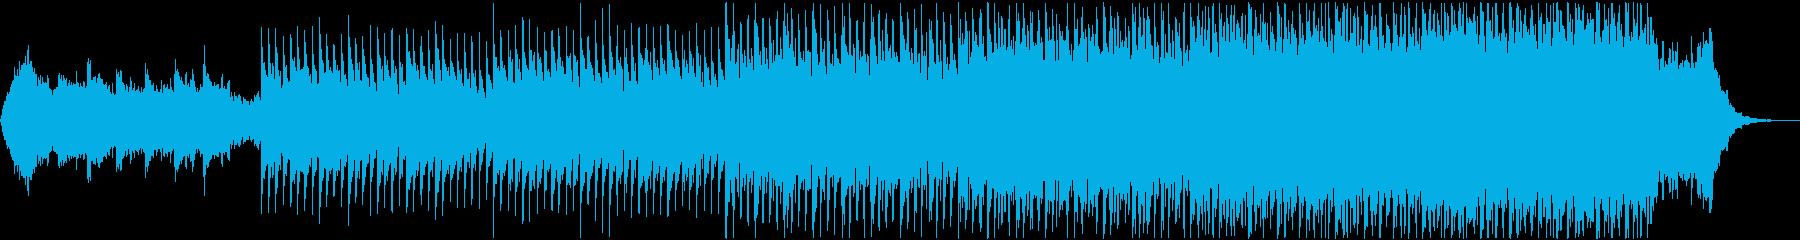 懐かしい優しいアコースティックソングの再生済みの波形